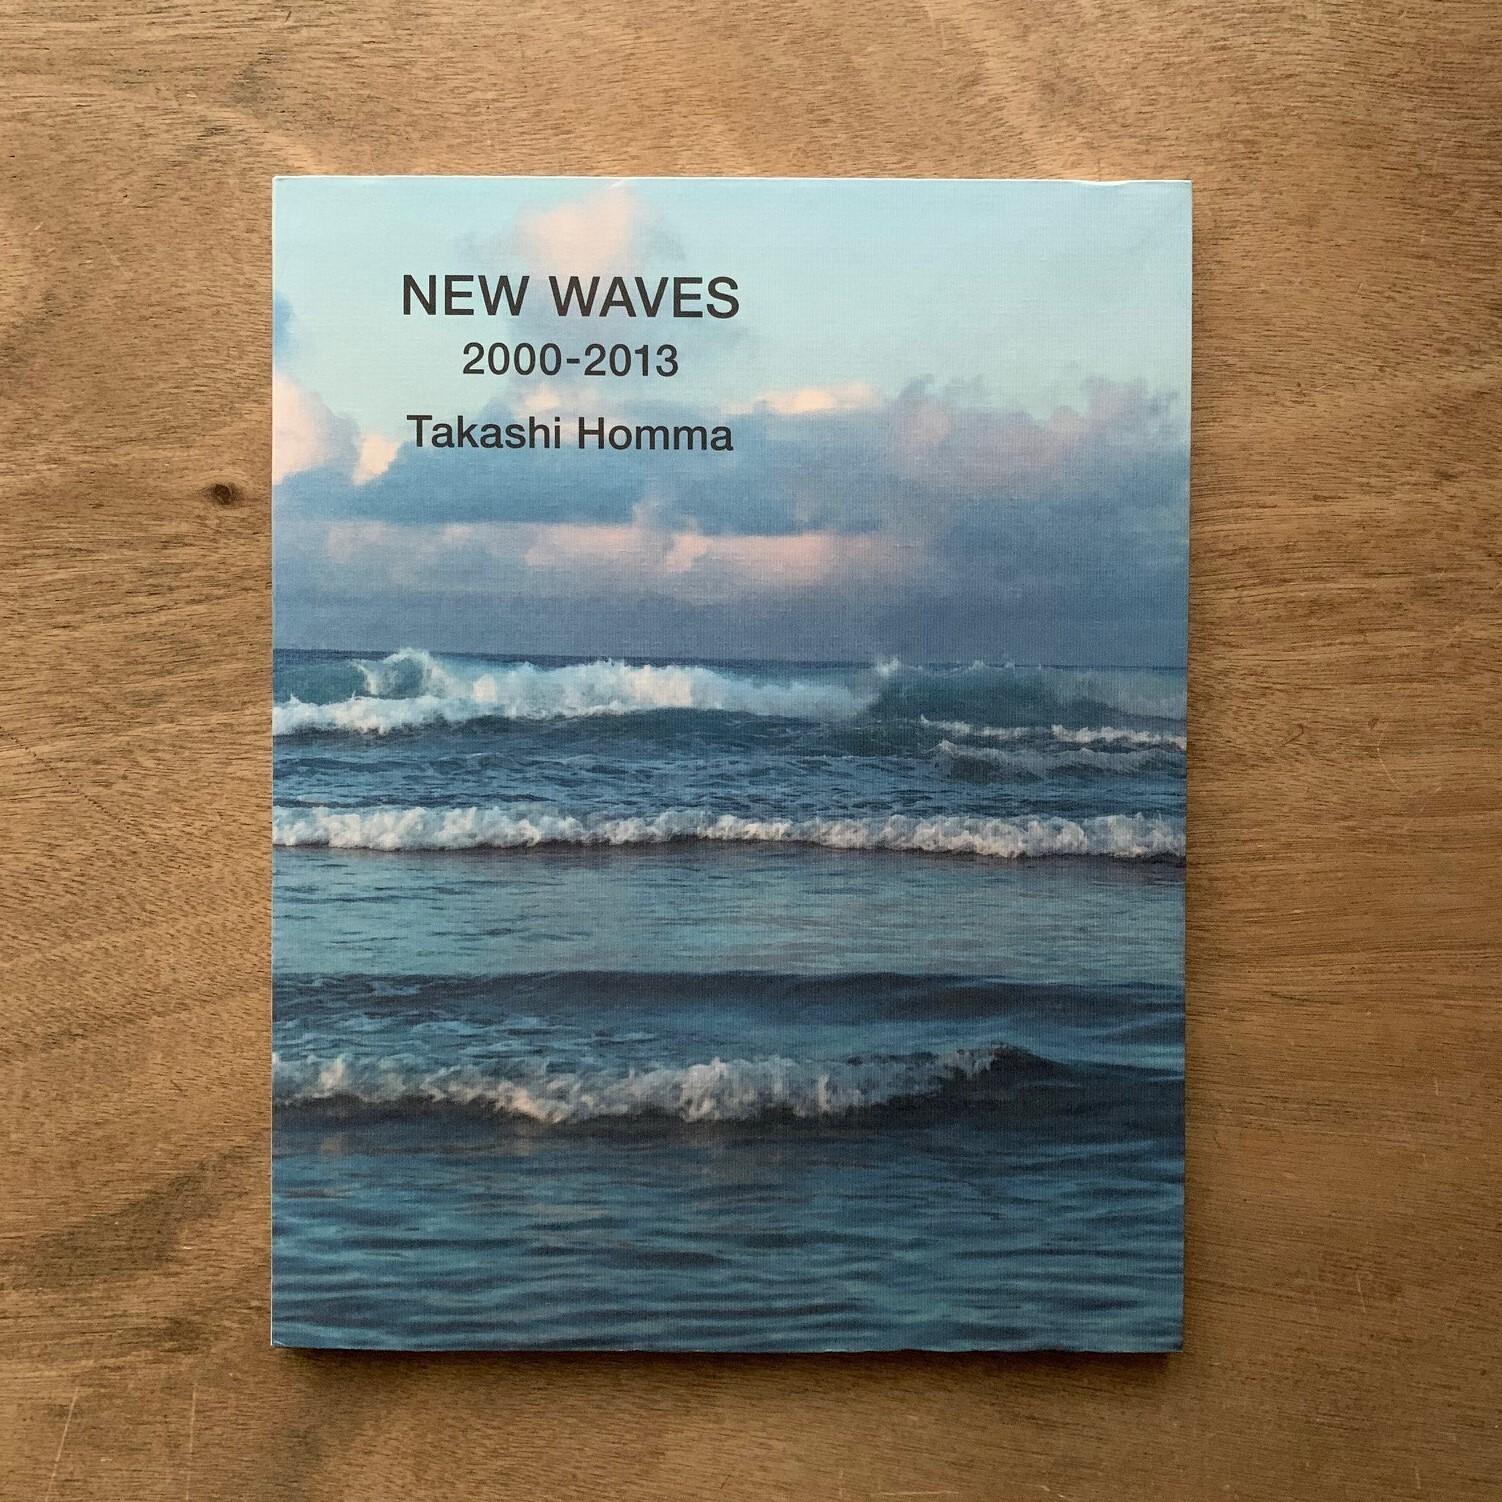 Takashi Homma: New Waves 2000-2013 / Takashi Homma (写真)